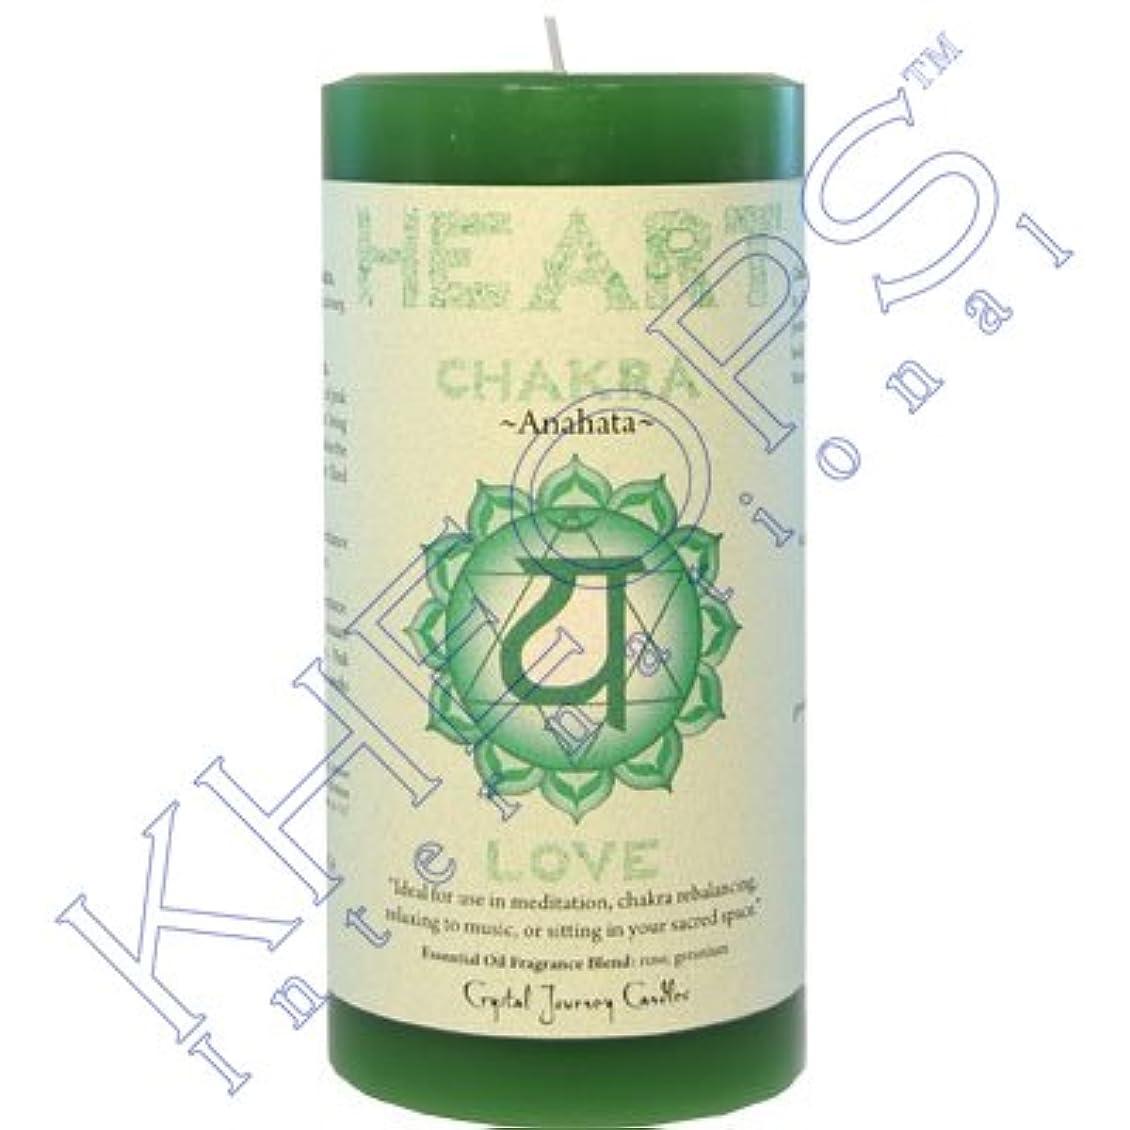 縫うハイキングに行く奨励Pillar Chakra Green-Heart Anahata by Treasures Stones Crystals & More [並行輸入品]